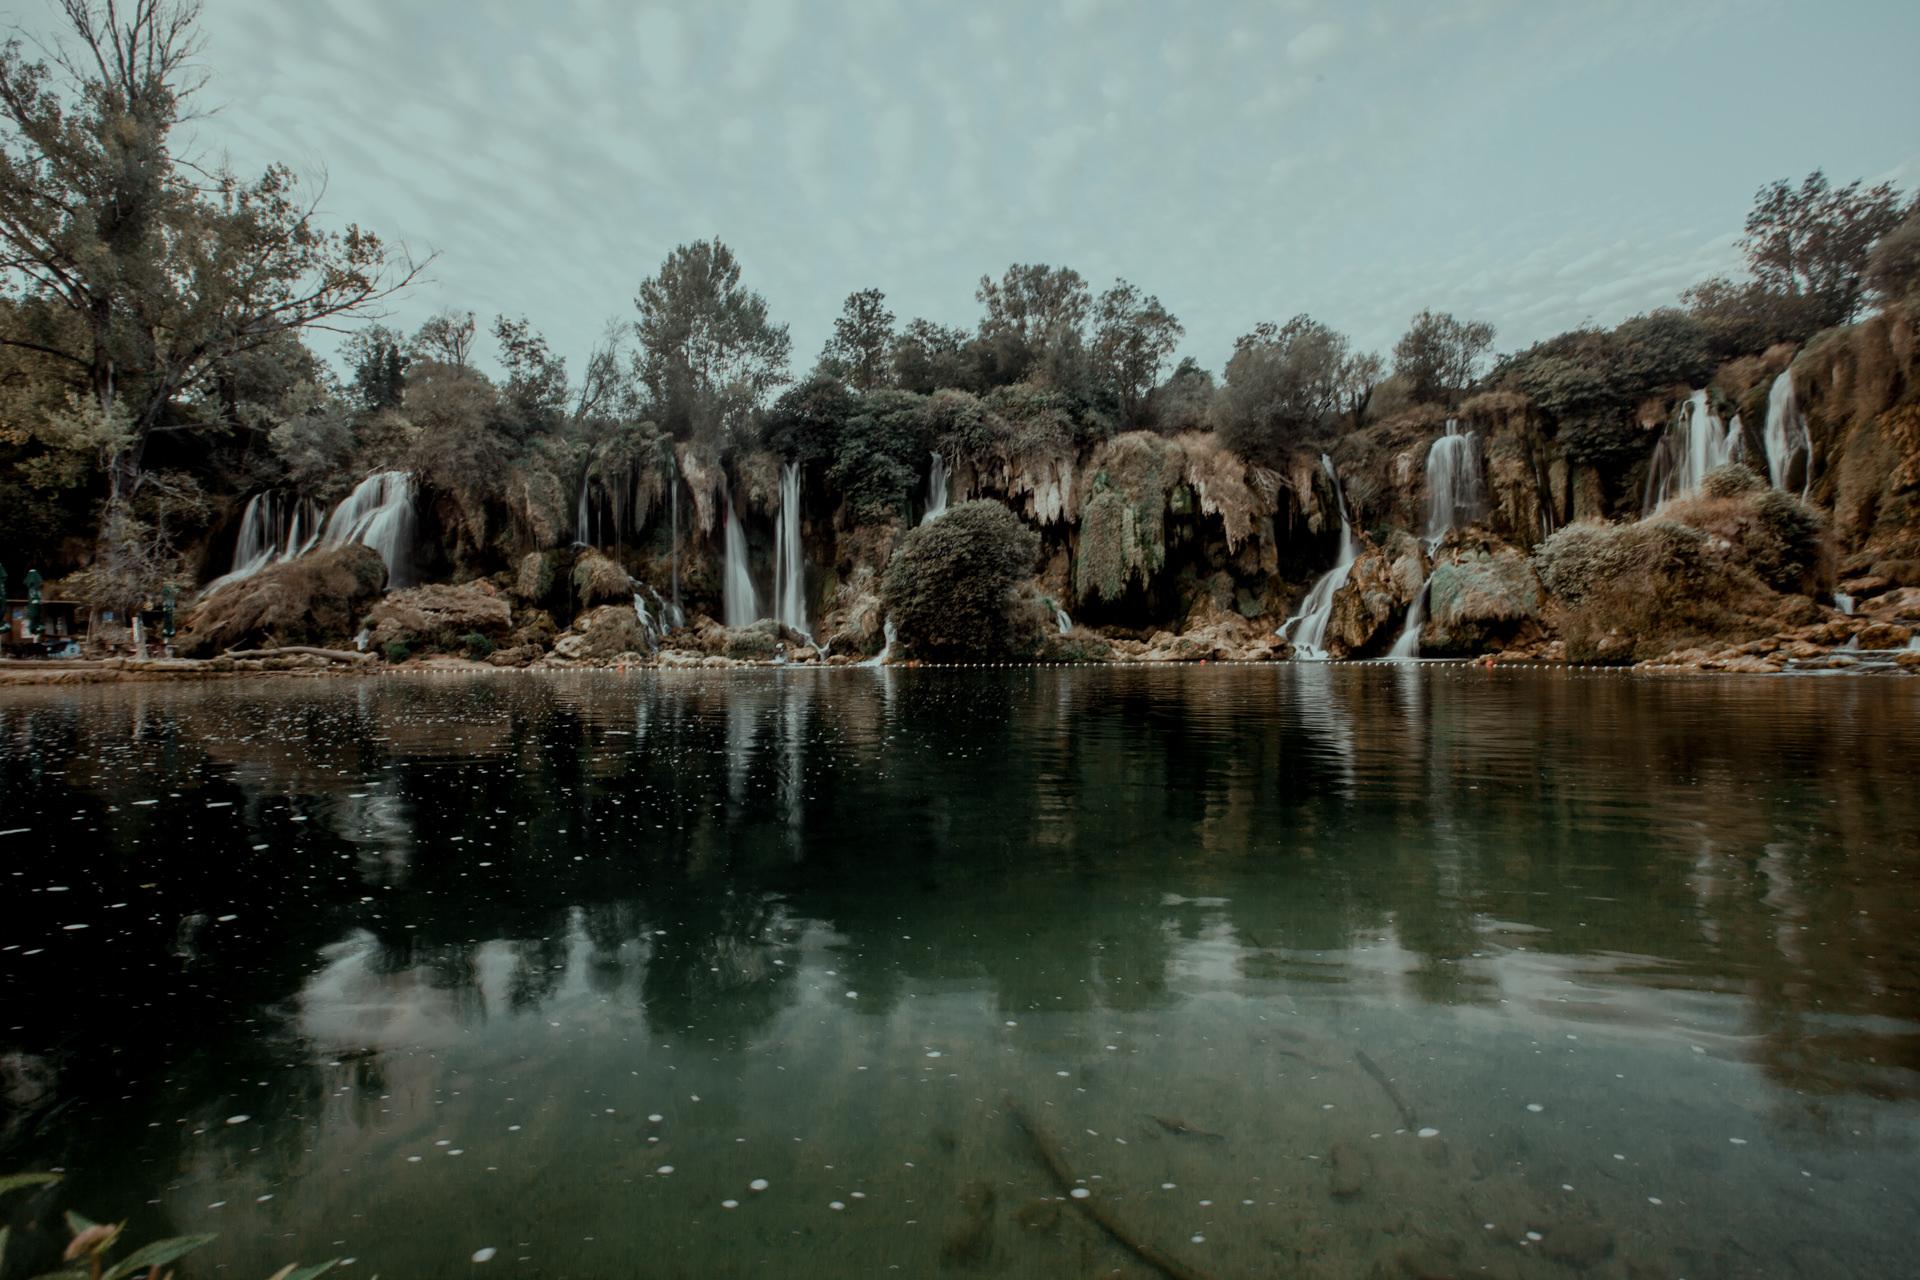 Piękne krajobrazy w Bośni i Hercegowinie. Wodospady Kravica